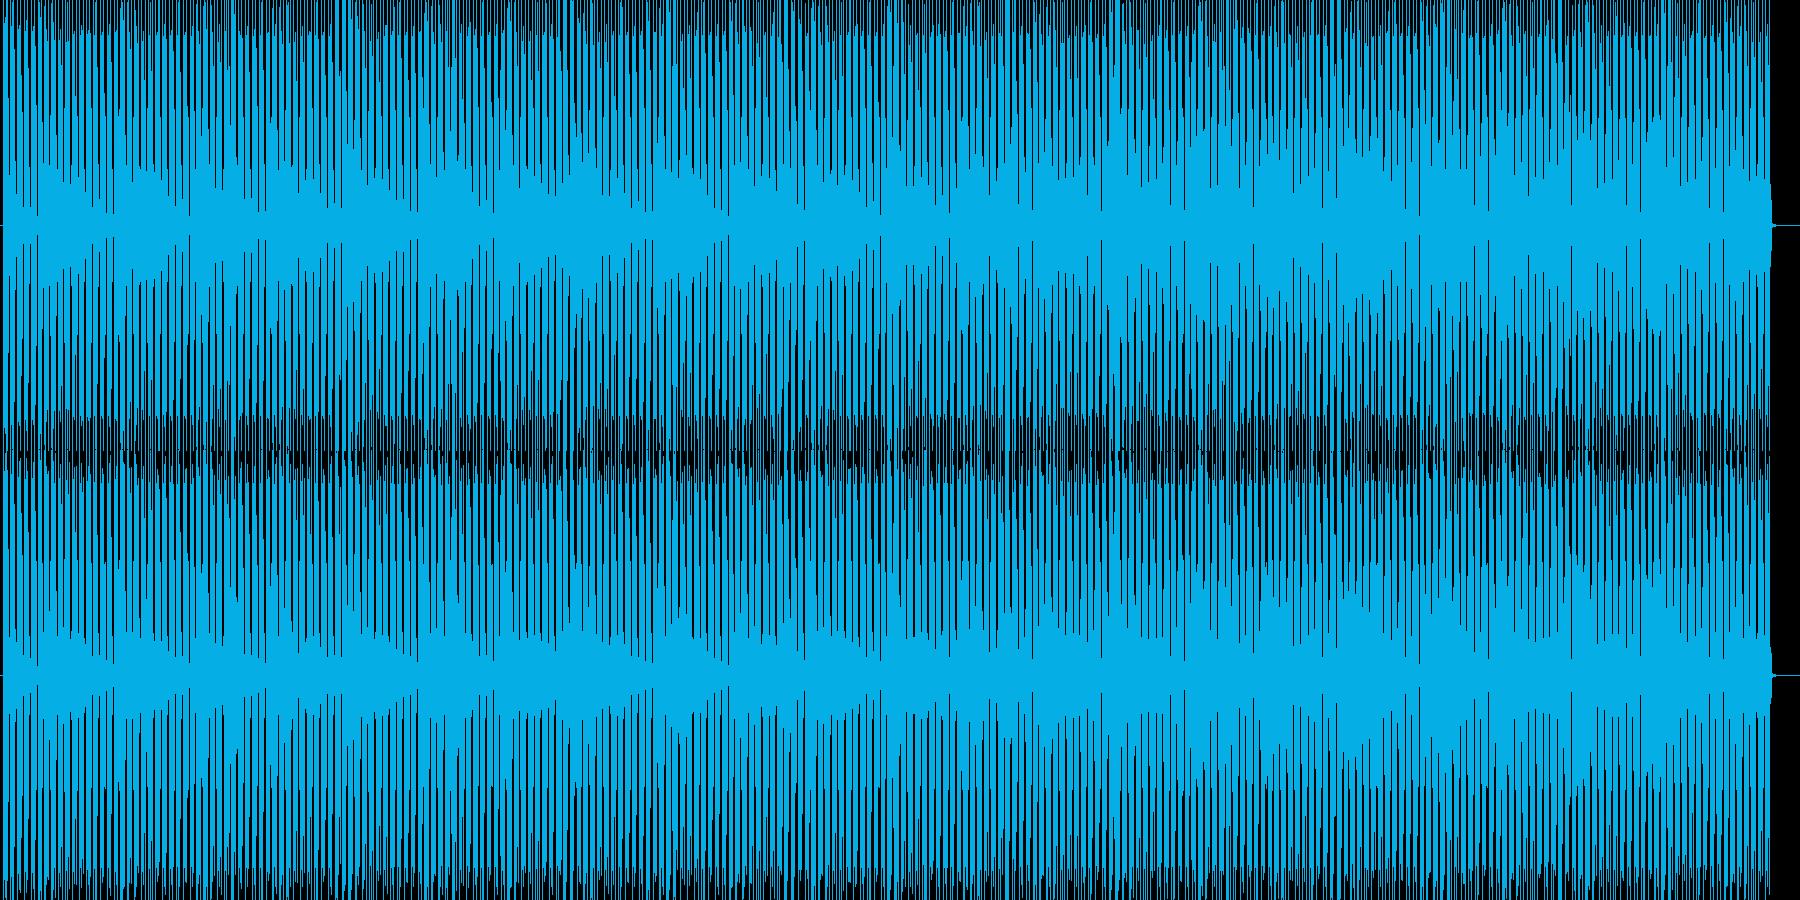 アニメや映像系に合うテクノの再生済みの波形